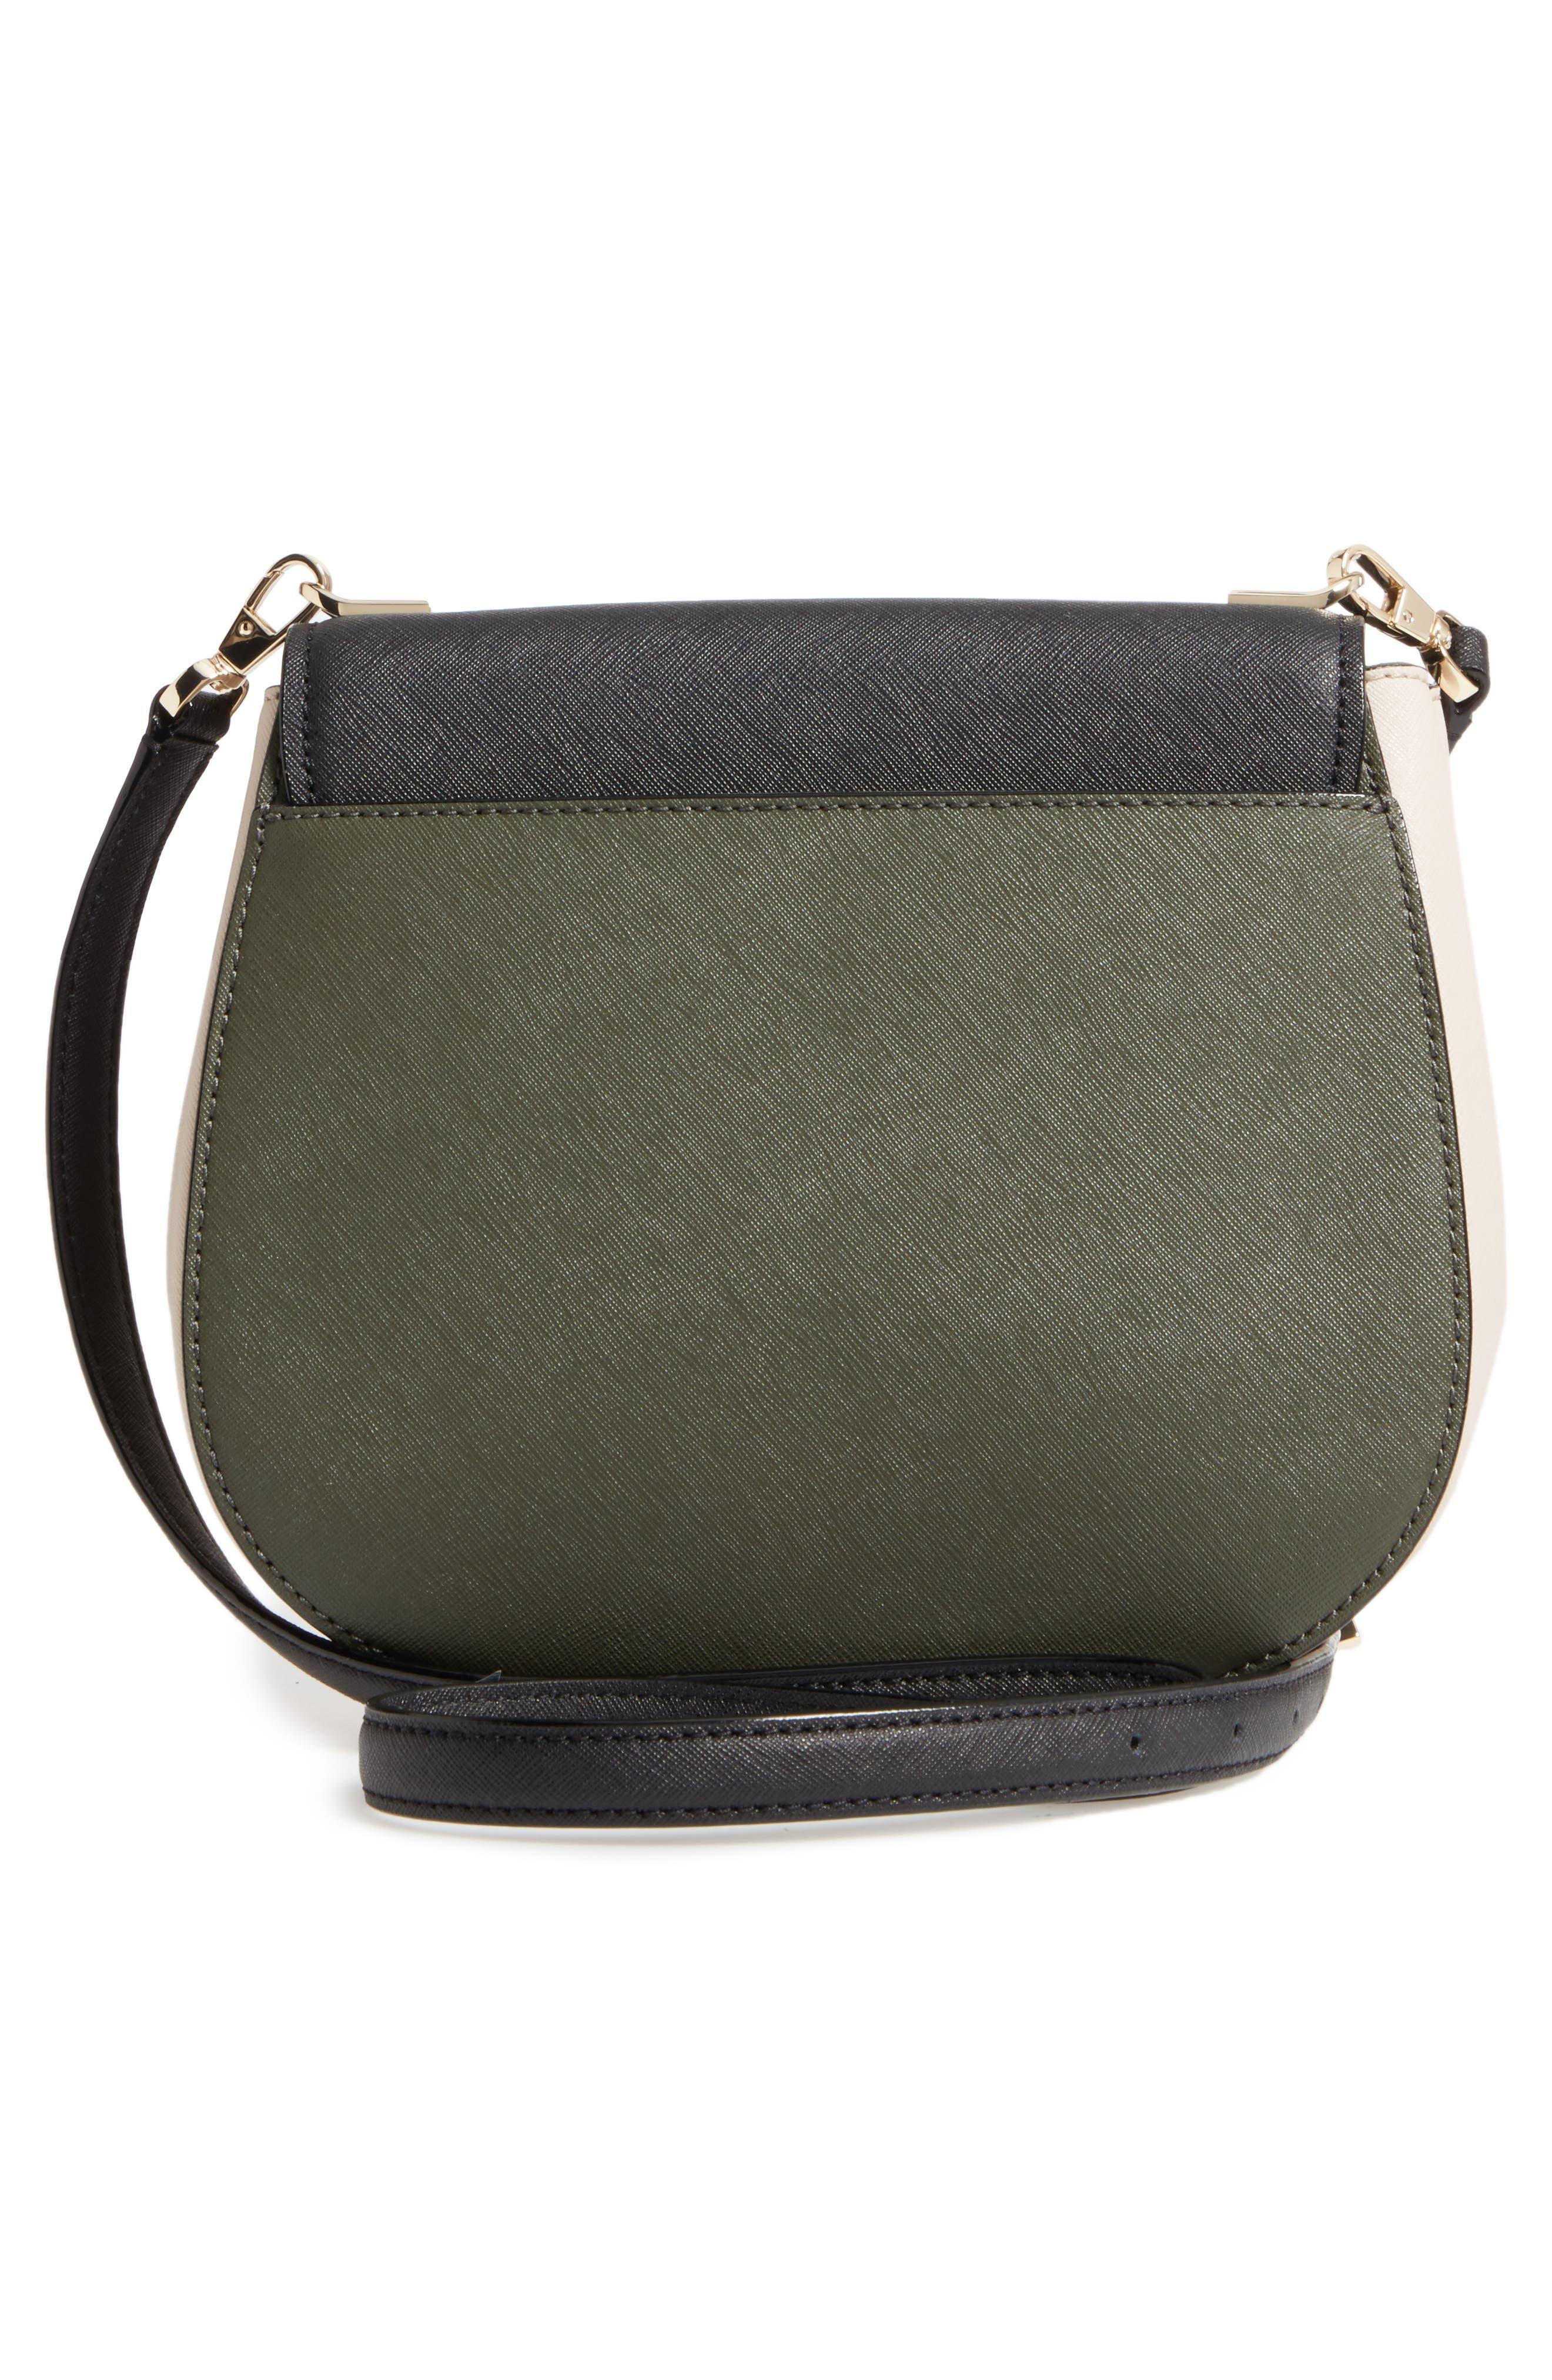 Alternate Image 2  - kate spade new york cameron street - byrdie leather crossbody bag